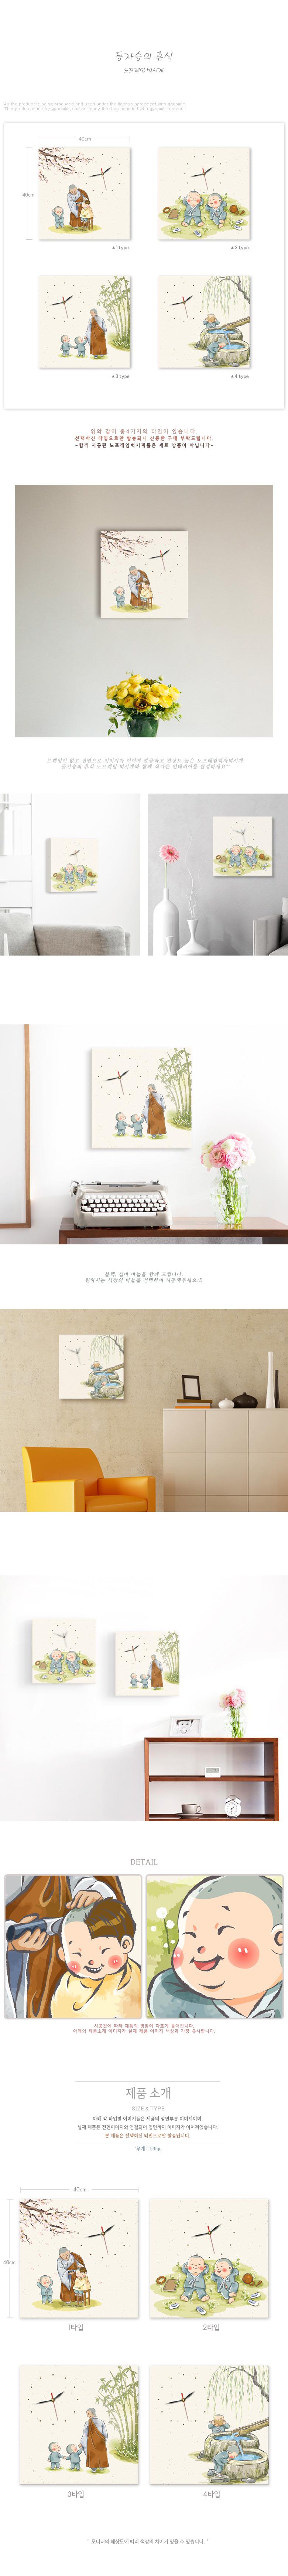 it082-동자승의휴식_노프레임벽시계 - 꾸밈, 25,900원, 벽시계, 디자인벽시계